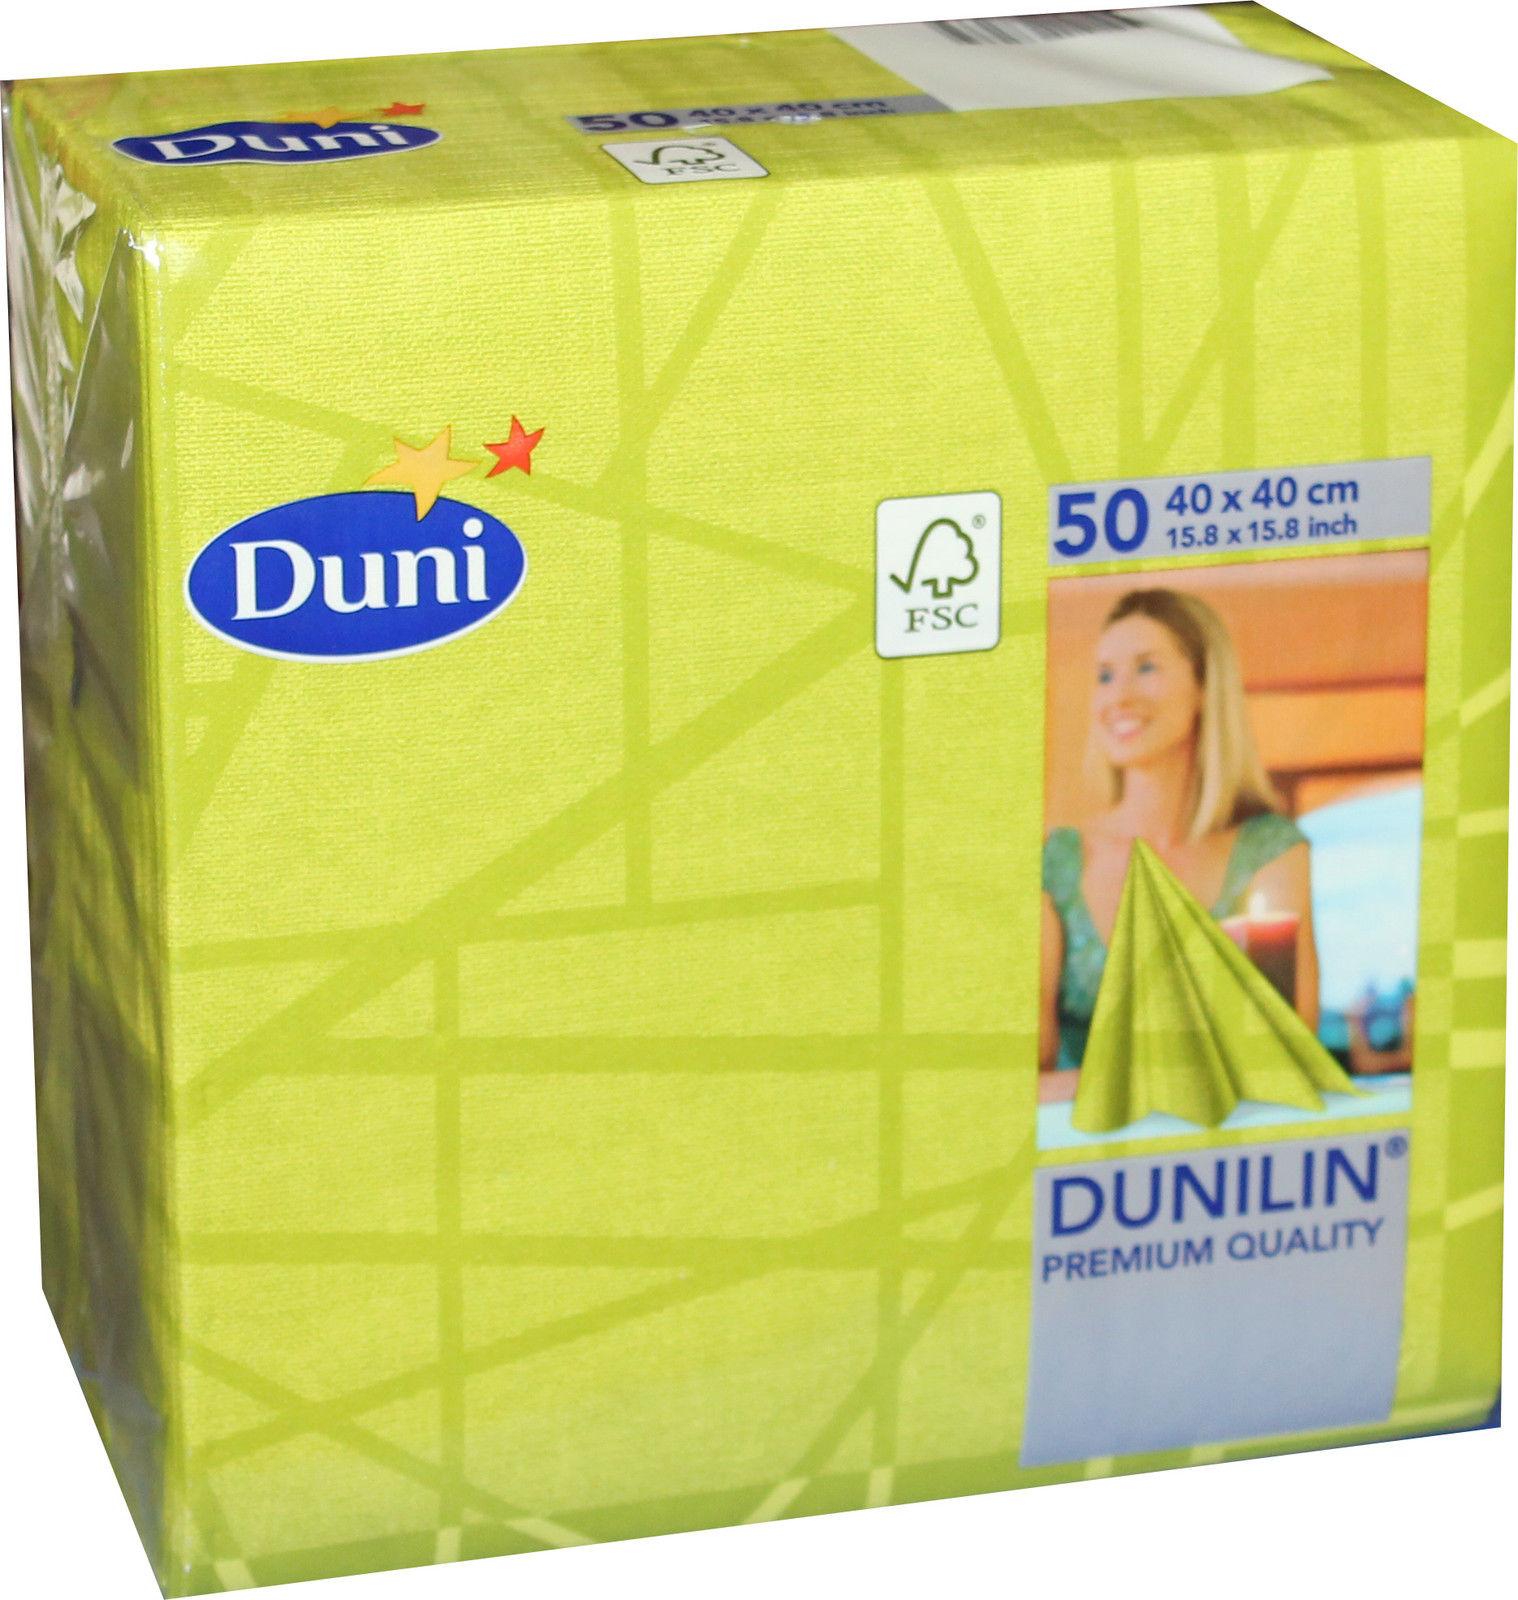 50 Duni Dunilin 173096 Gastro Servietten 40 X 40 Cm